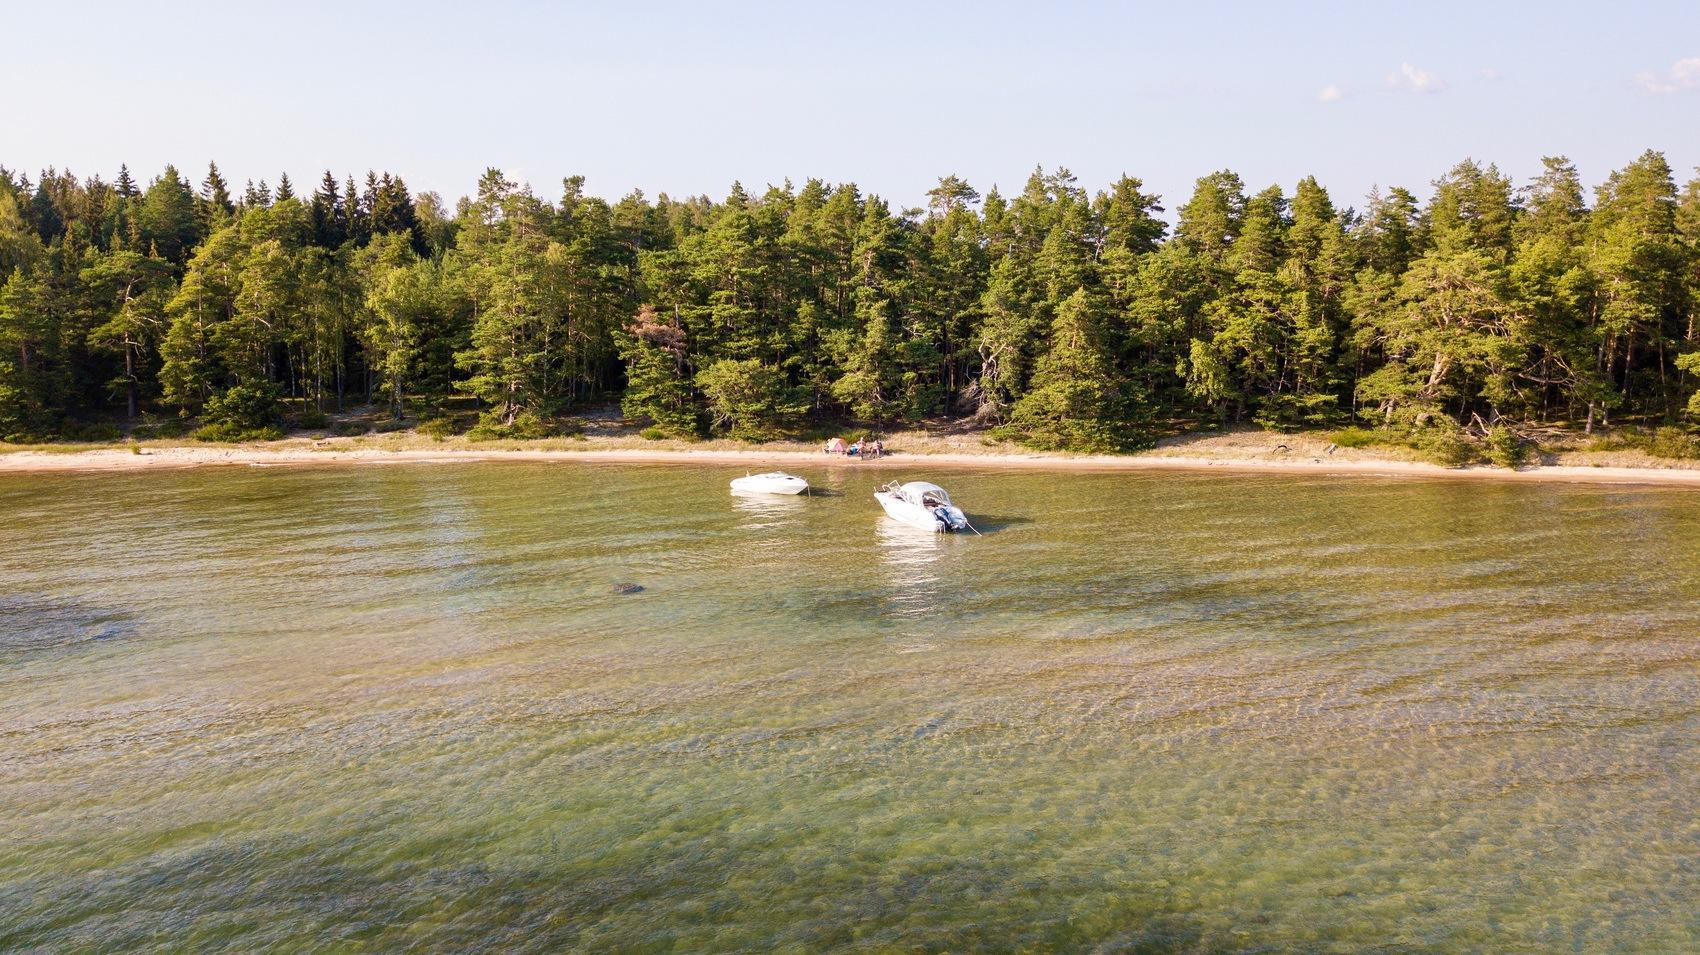 Foto taget från vattnet in mot land där två motorbåtar ligger vid en solig sandstrand